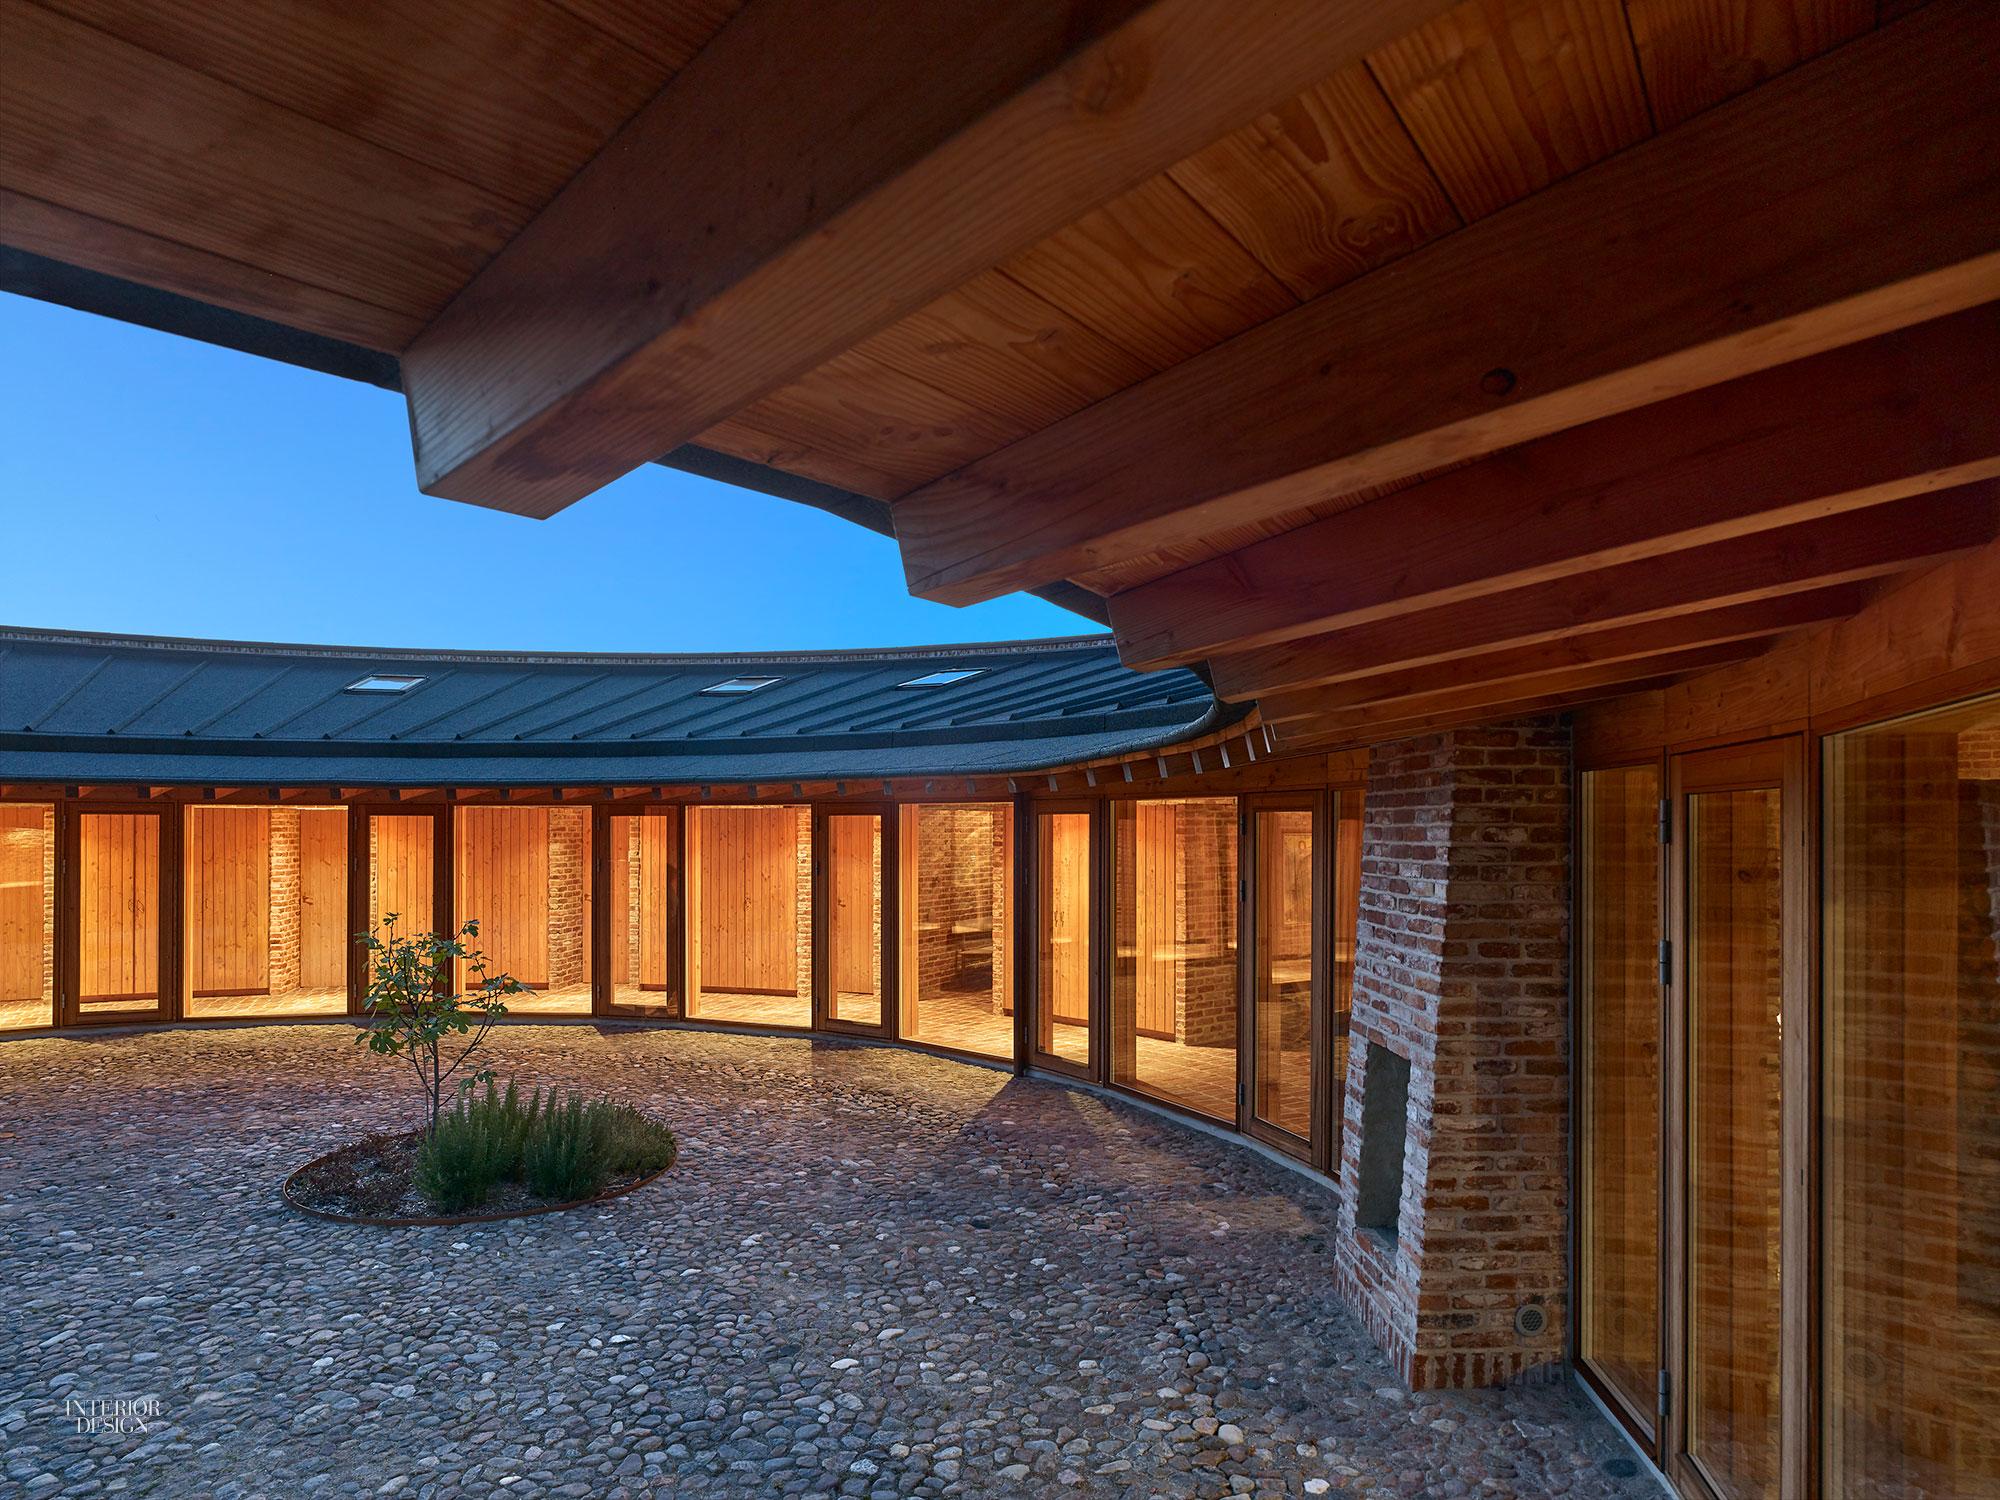 Round Homes Designs: Jan Henrik Jansen Designs Unconventional Round House In